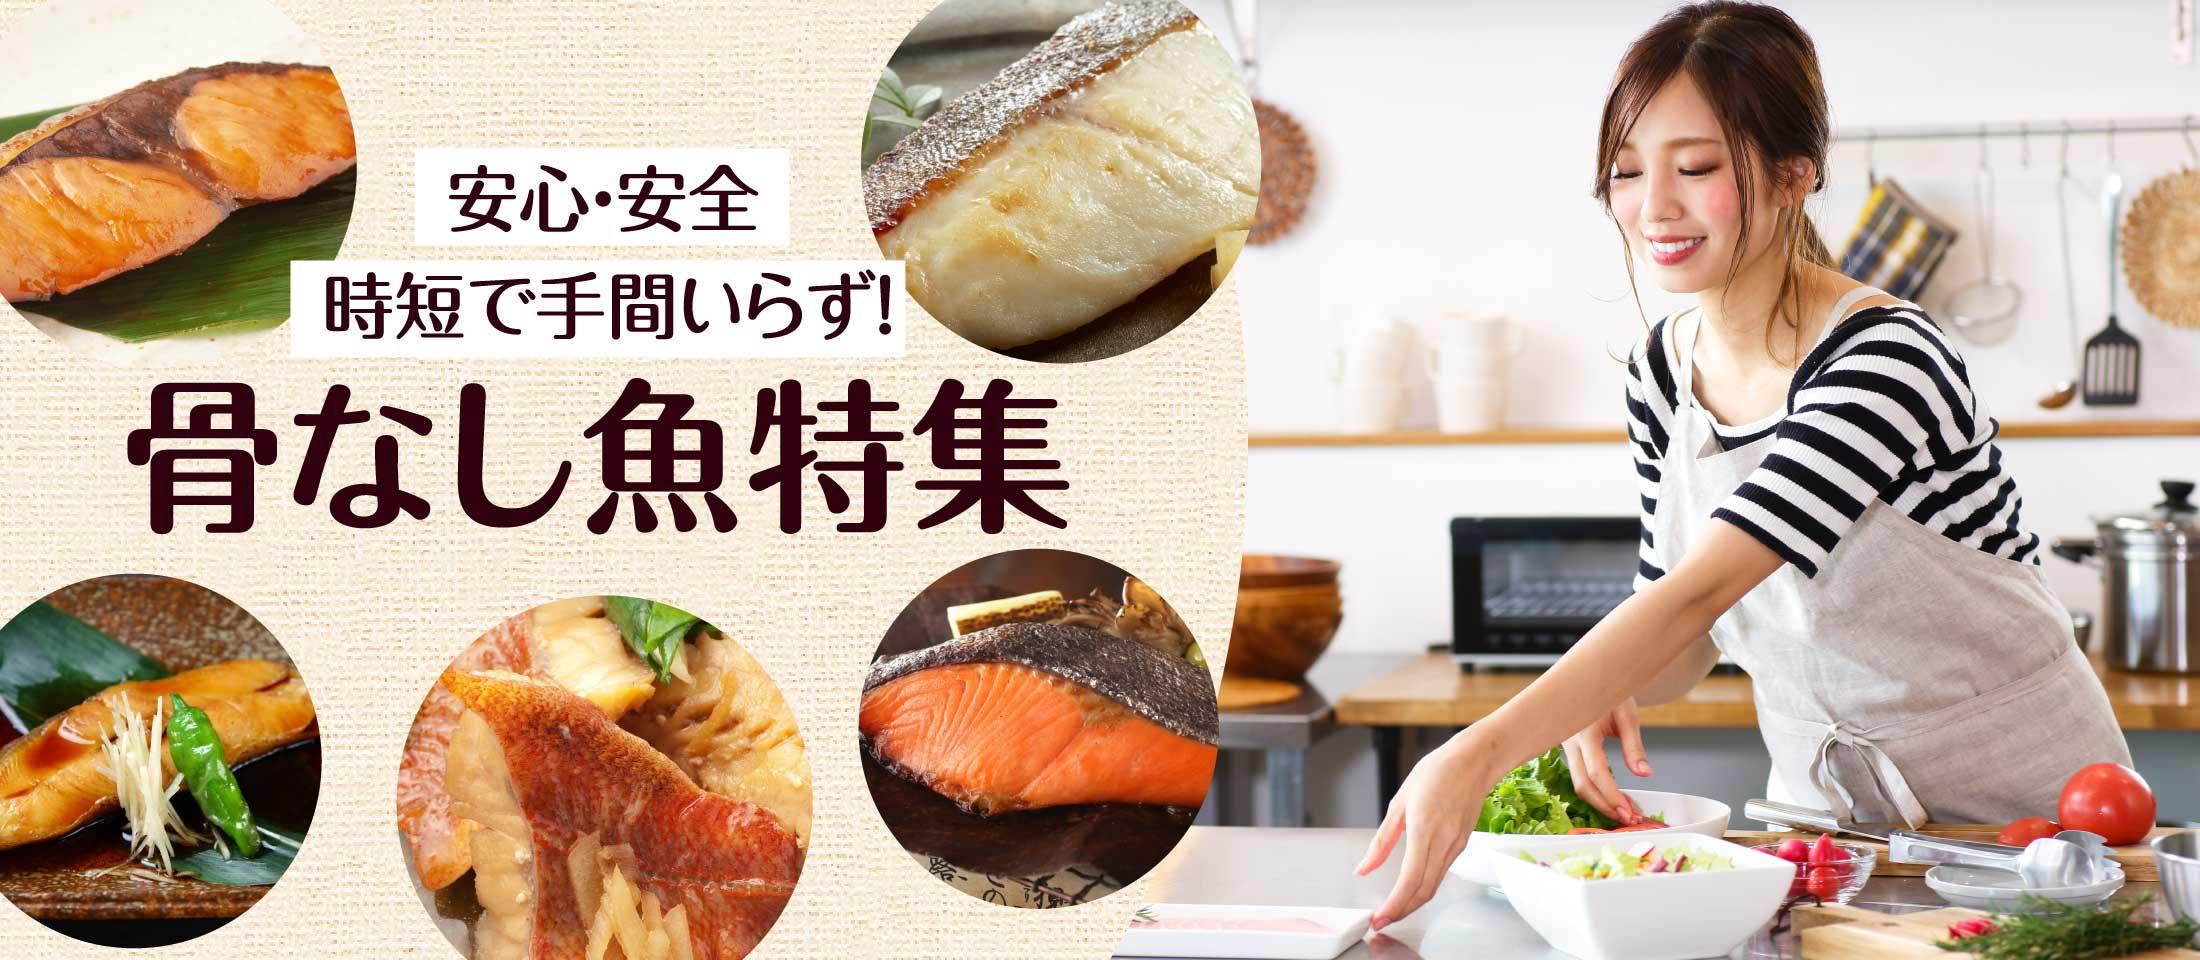 骨なしお魚特集9選 お手軽便利な骨なし冷凍魚 業務用食品・冷凍食品おすすめ 業務用食品・冷凍食品の通販 |ナカヤマフーズ